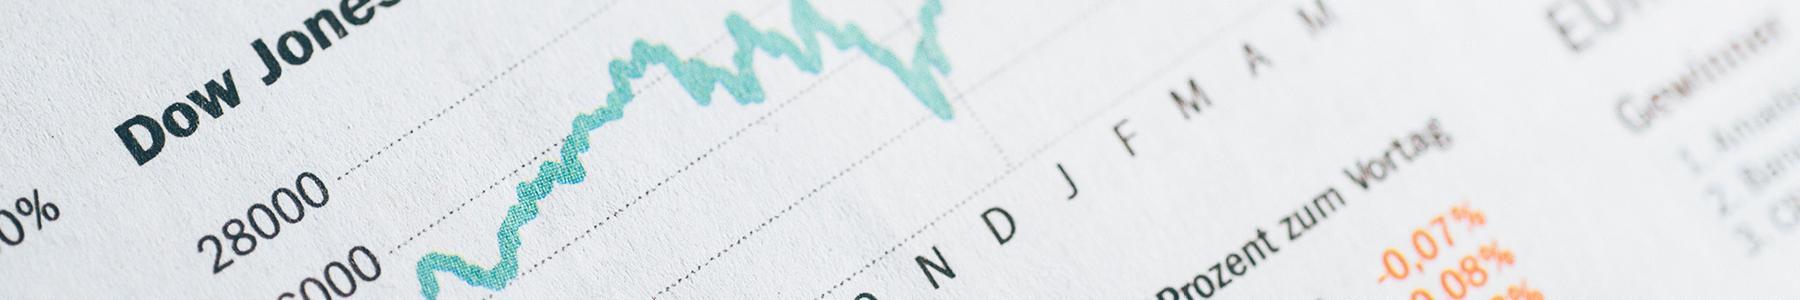 Market Insights: Onward and Upward Thumbnail